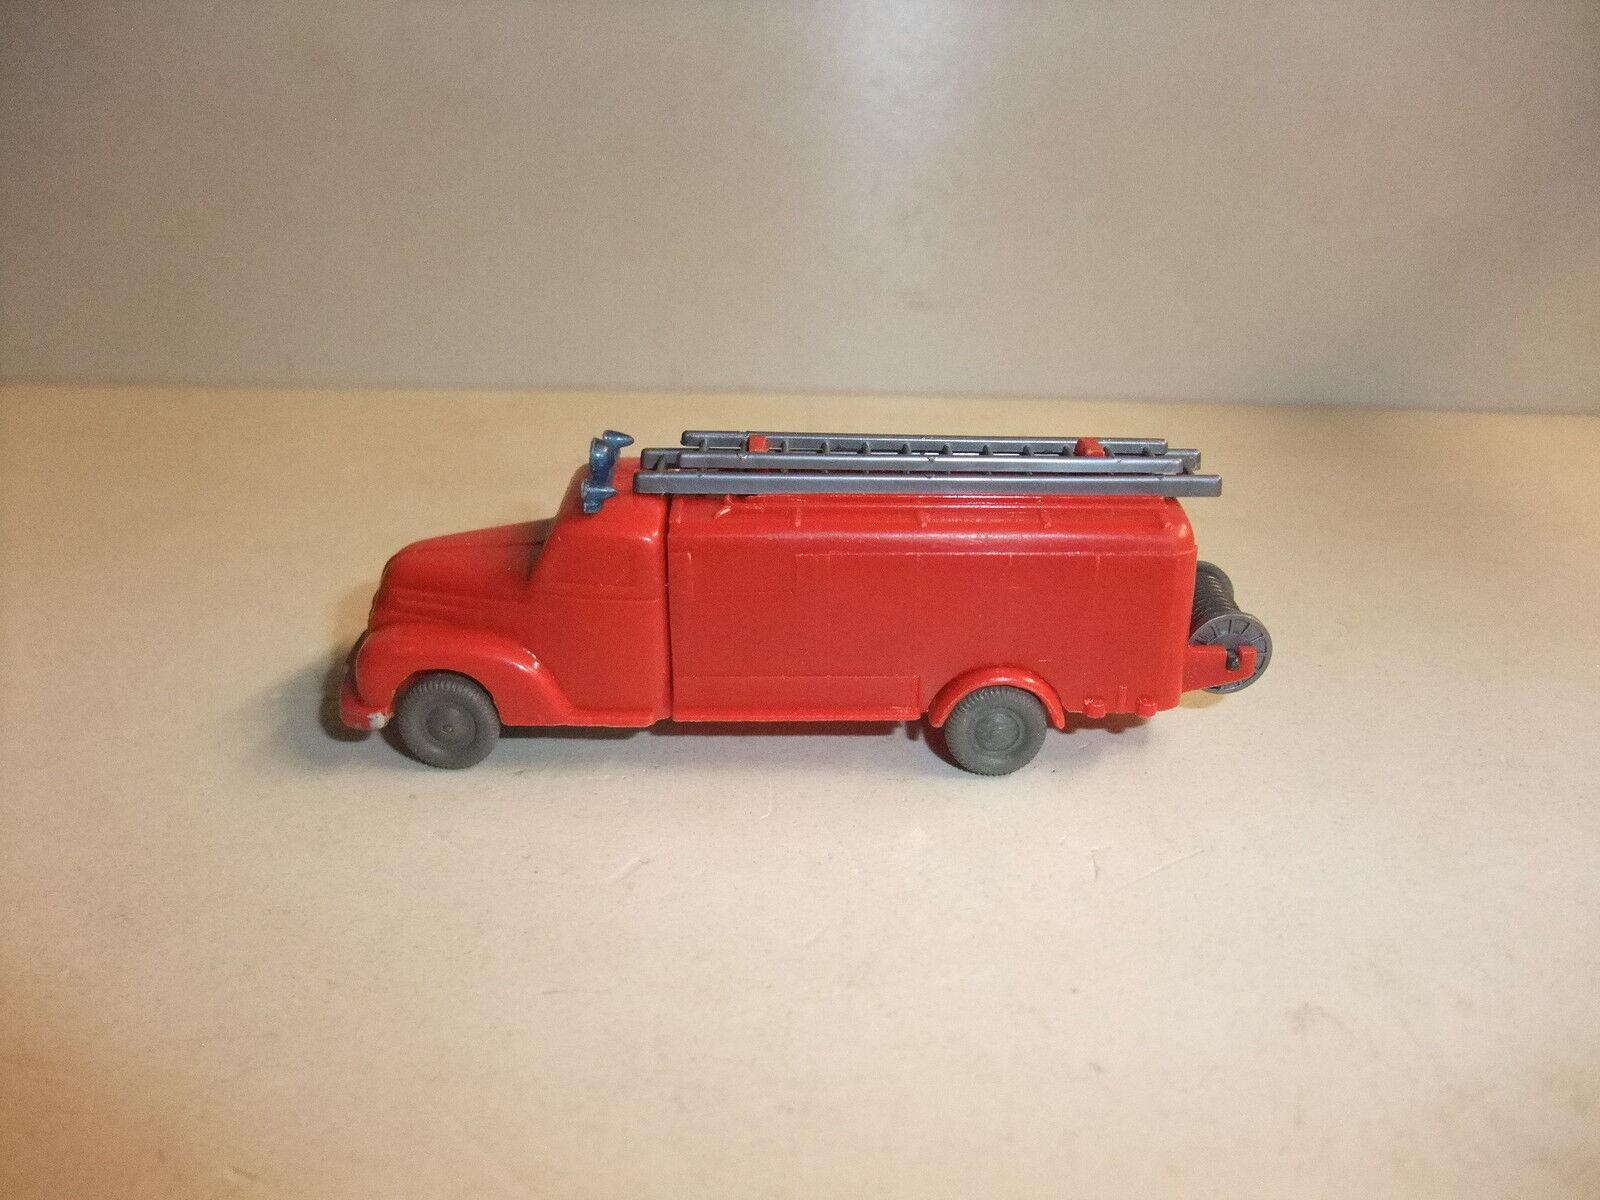 T1 Wiking Voiture Miniature FORD POMPIERS seringues voiture dépourvus de collection h0 1 87 50e